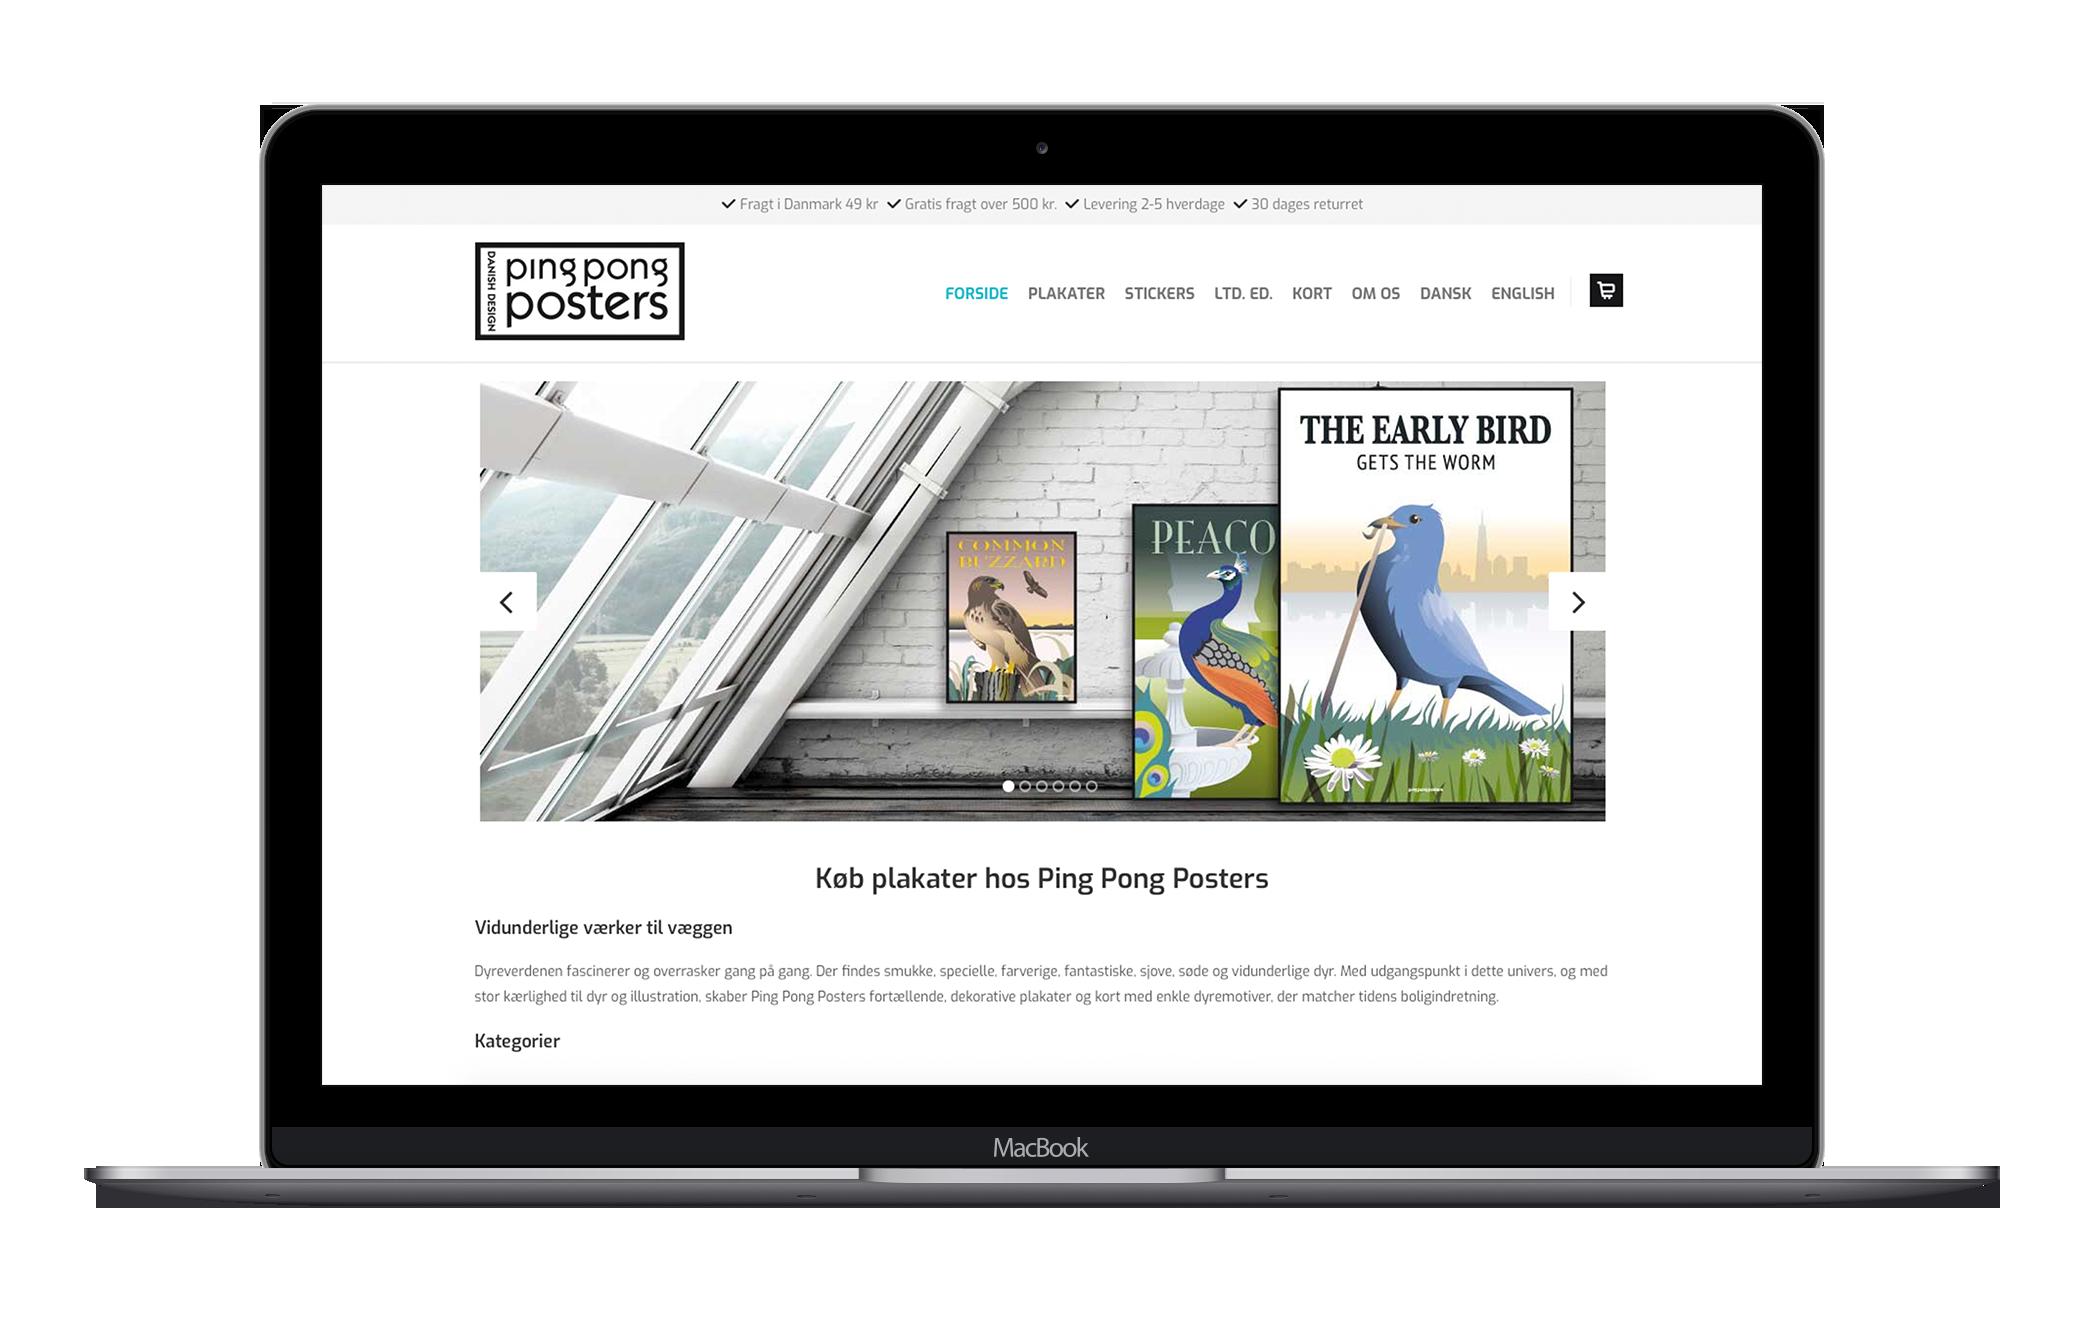 Simpel webshop med mulighed for selvstændig drift og vedligeholdelse